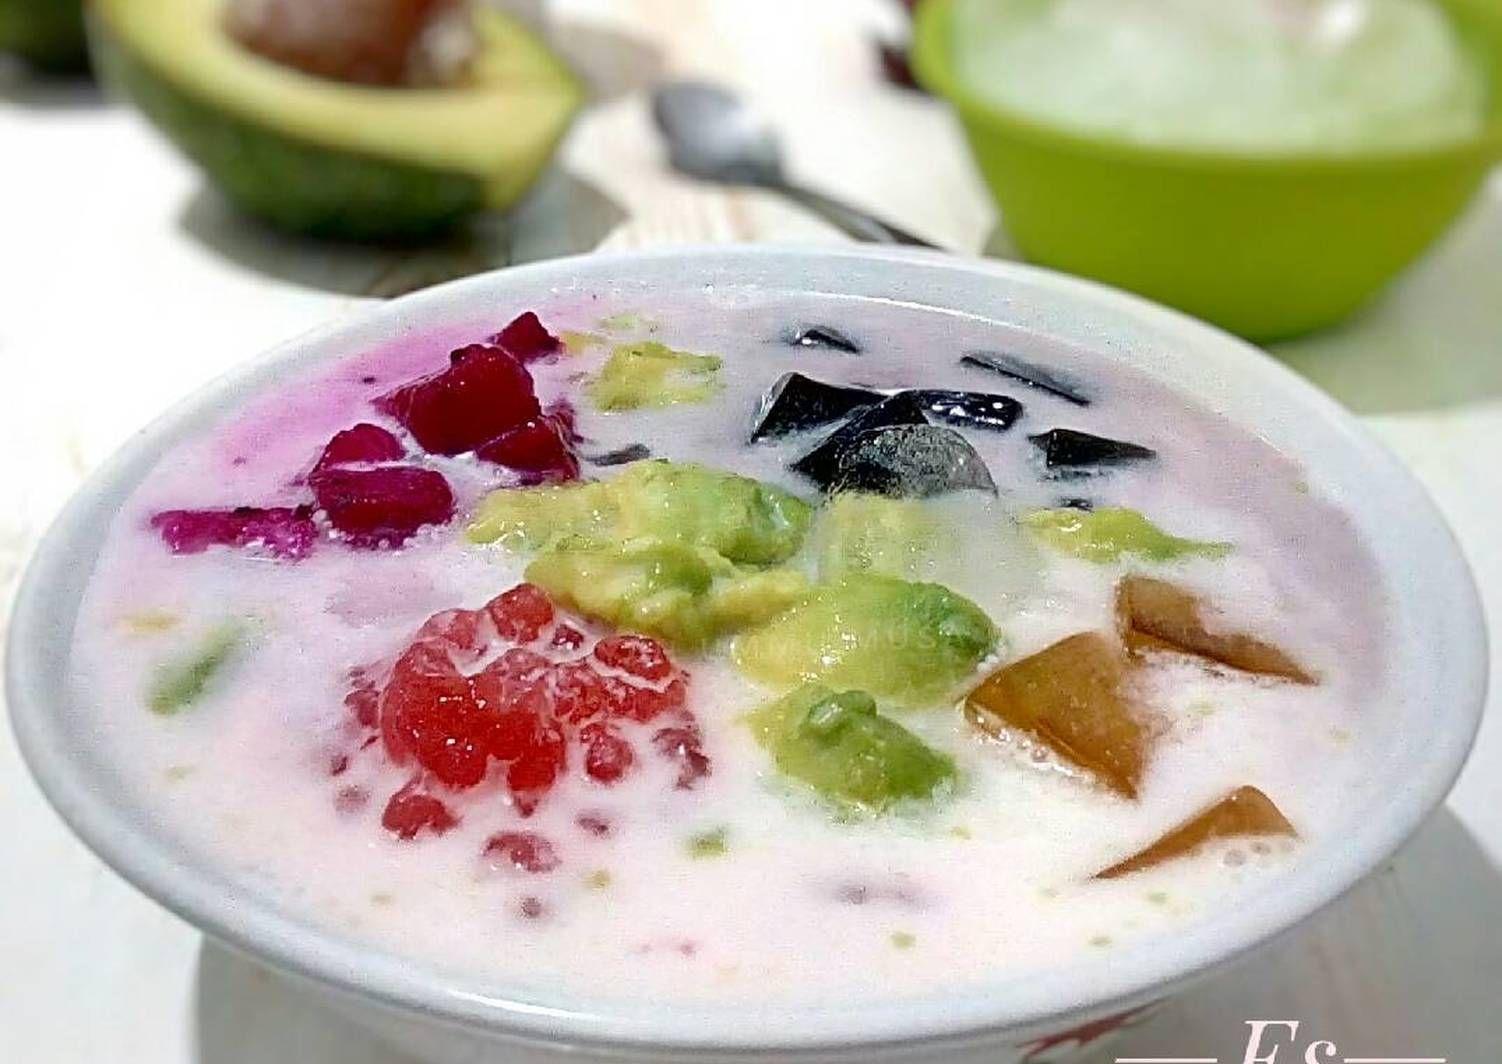 Resep Es Teler Seger Versi Santan Oleh Diyah Kuntari Resep Di 2020 Resep Hidangan Penutup Makanan Dan Minuman